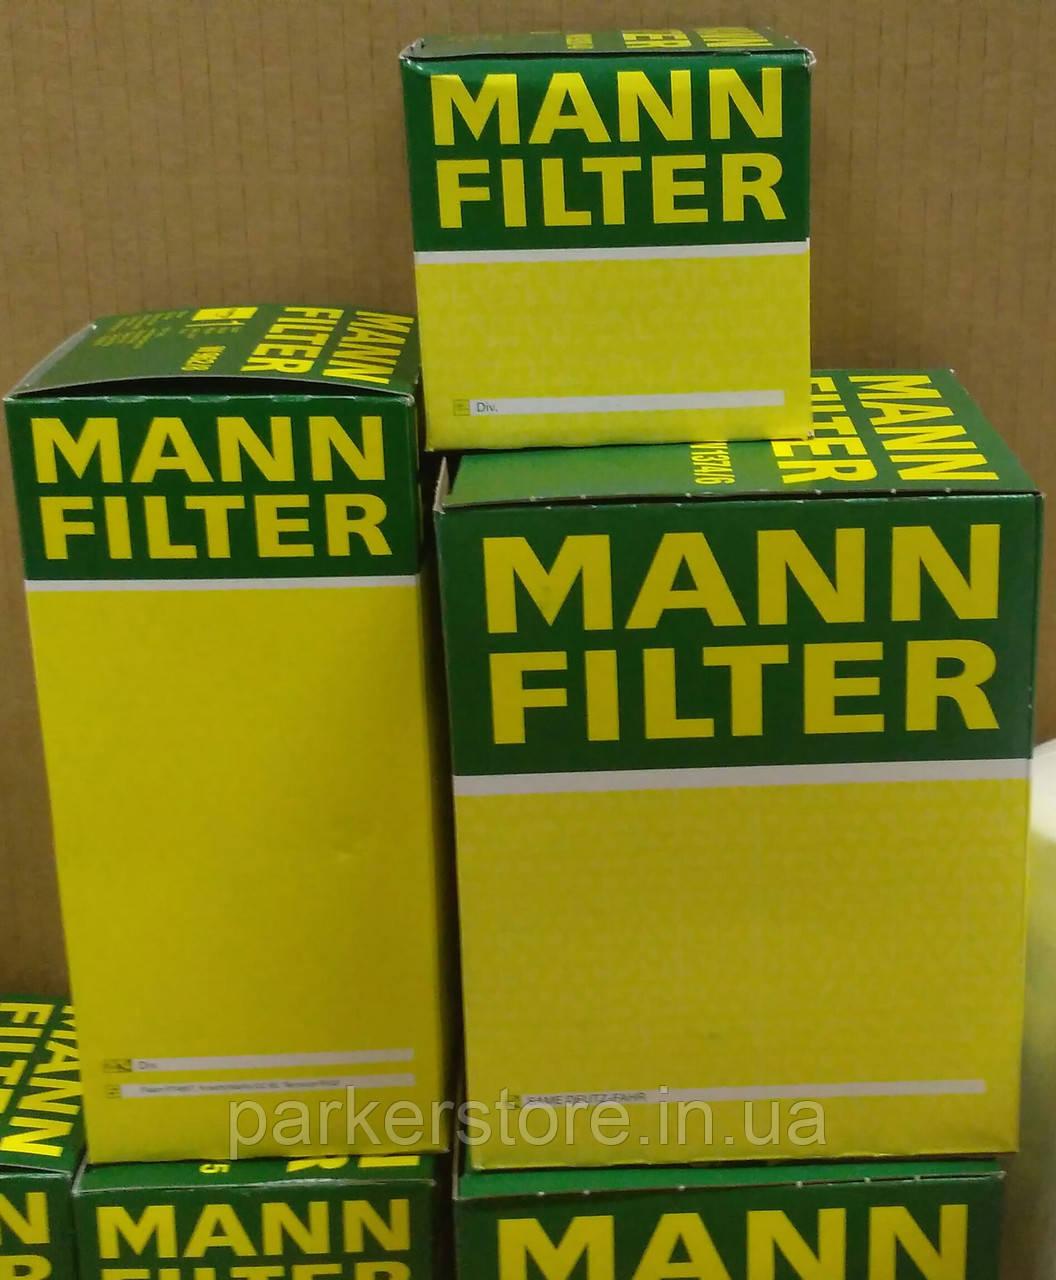 MANN FILTER / Воздушный фильтр / C 2610 / C2610